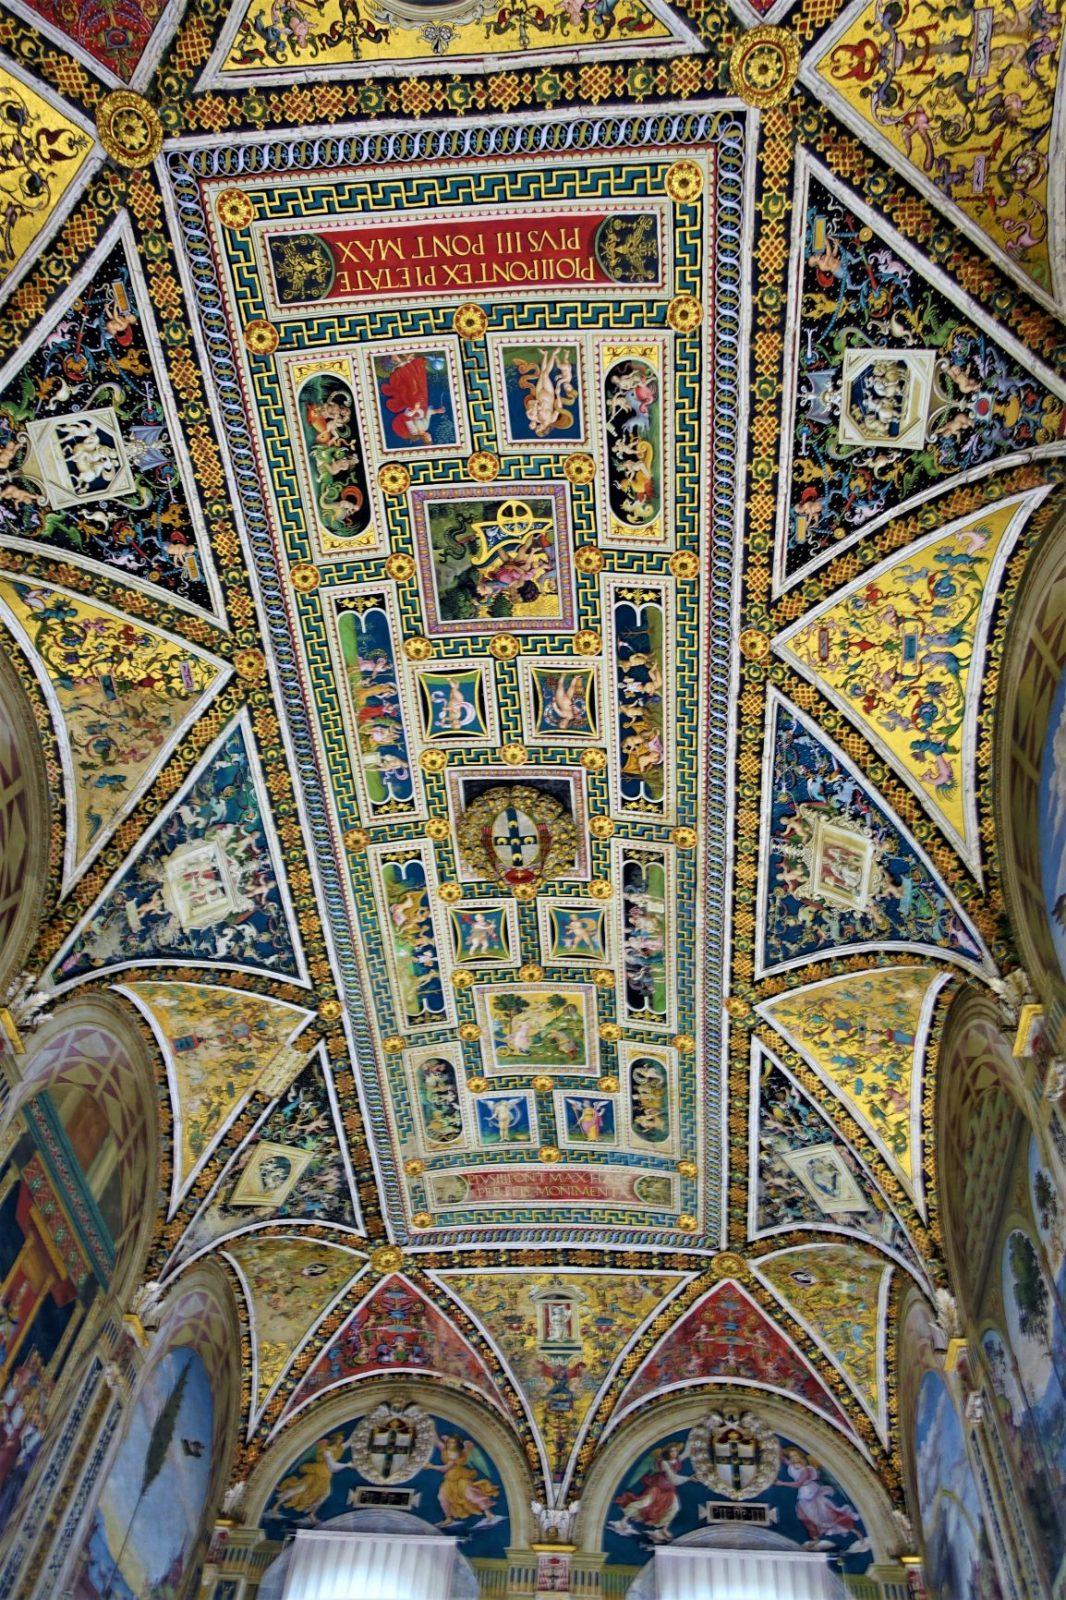 Fantastiske takmalerier i doumen i Siena